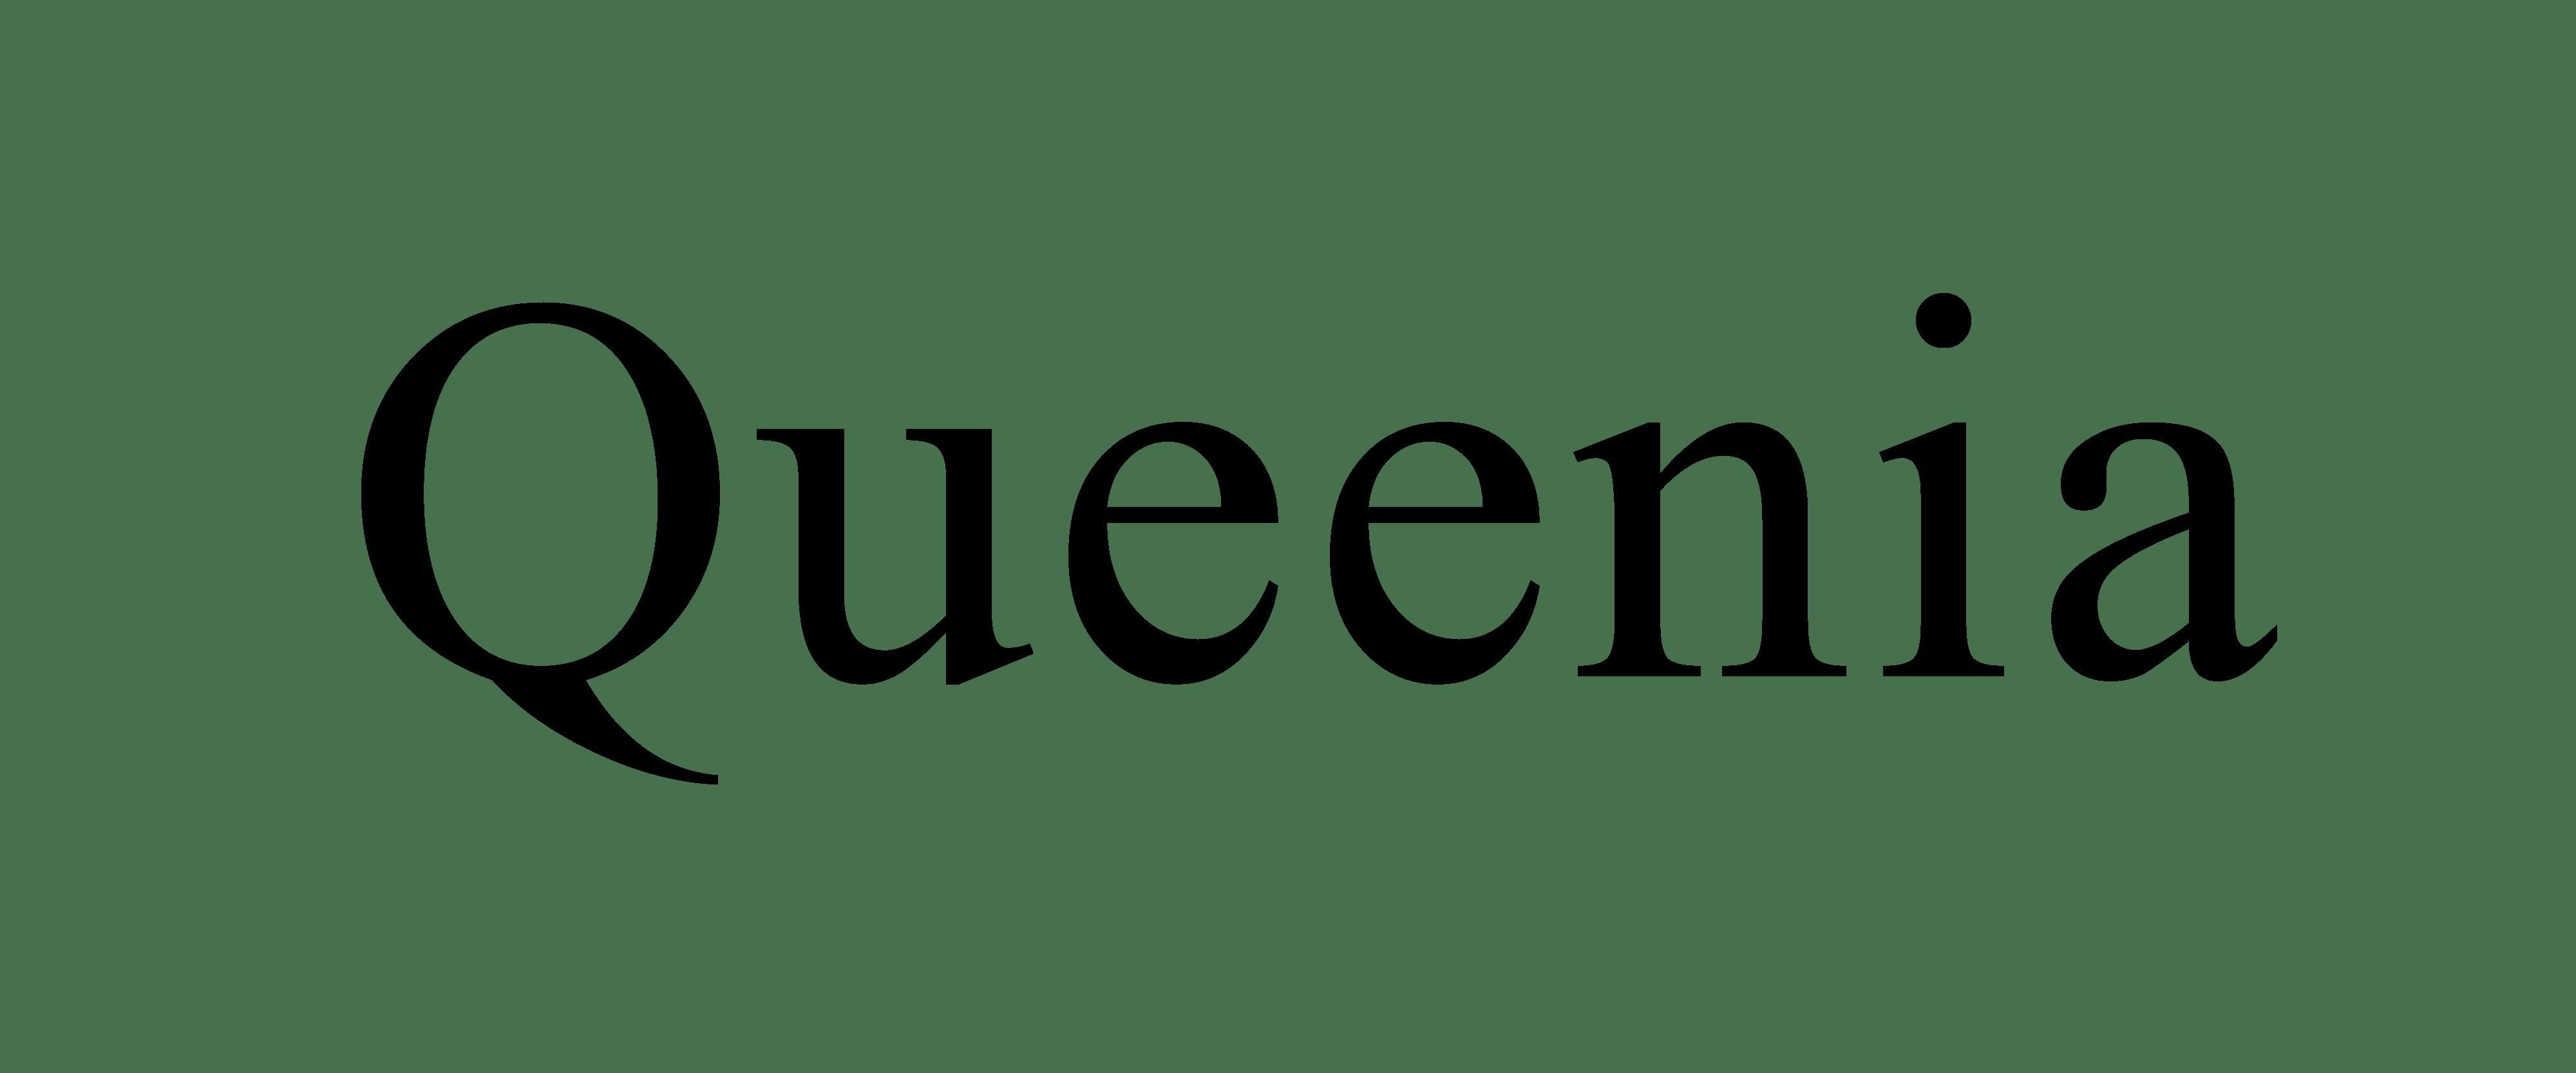 Queenia Logo